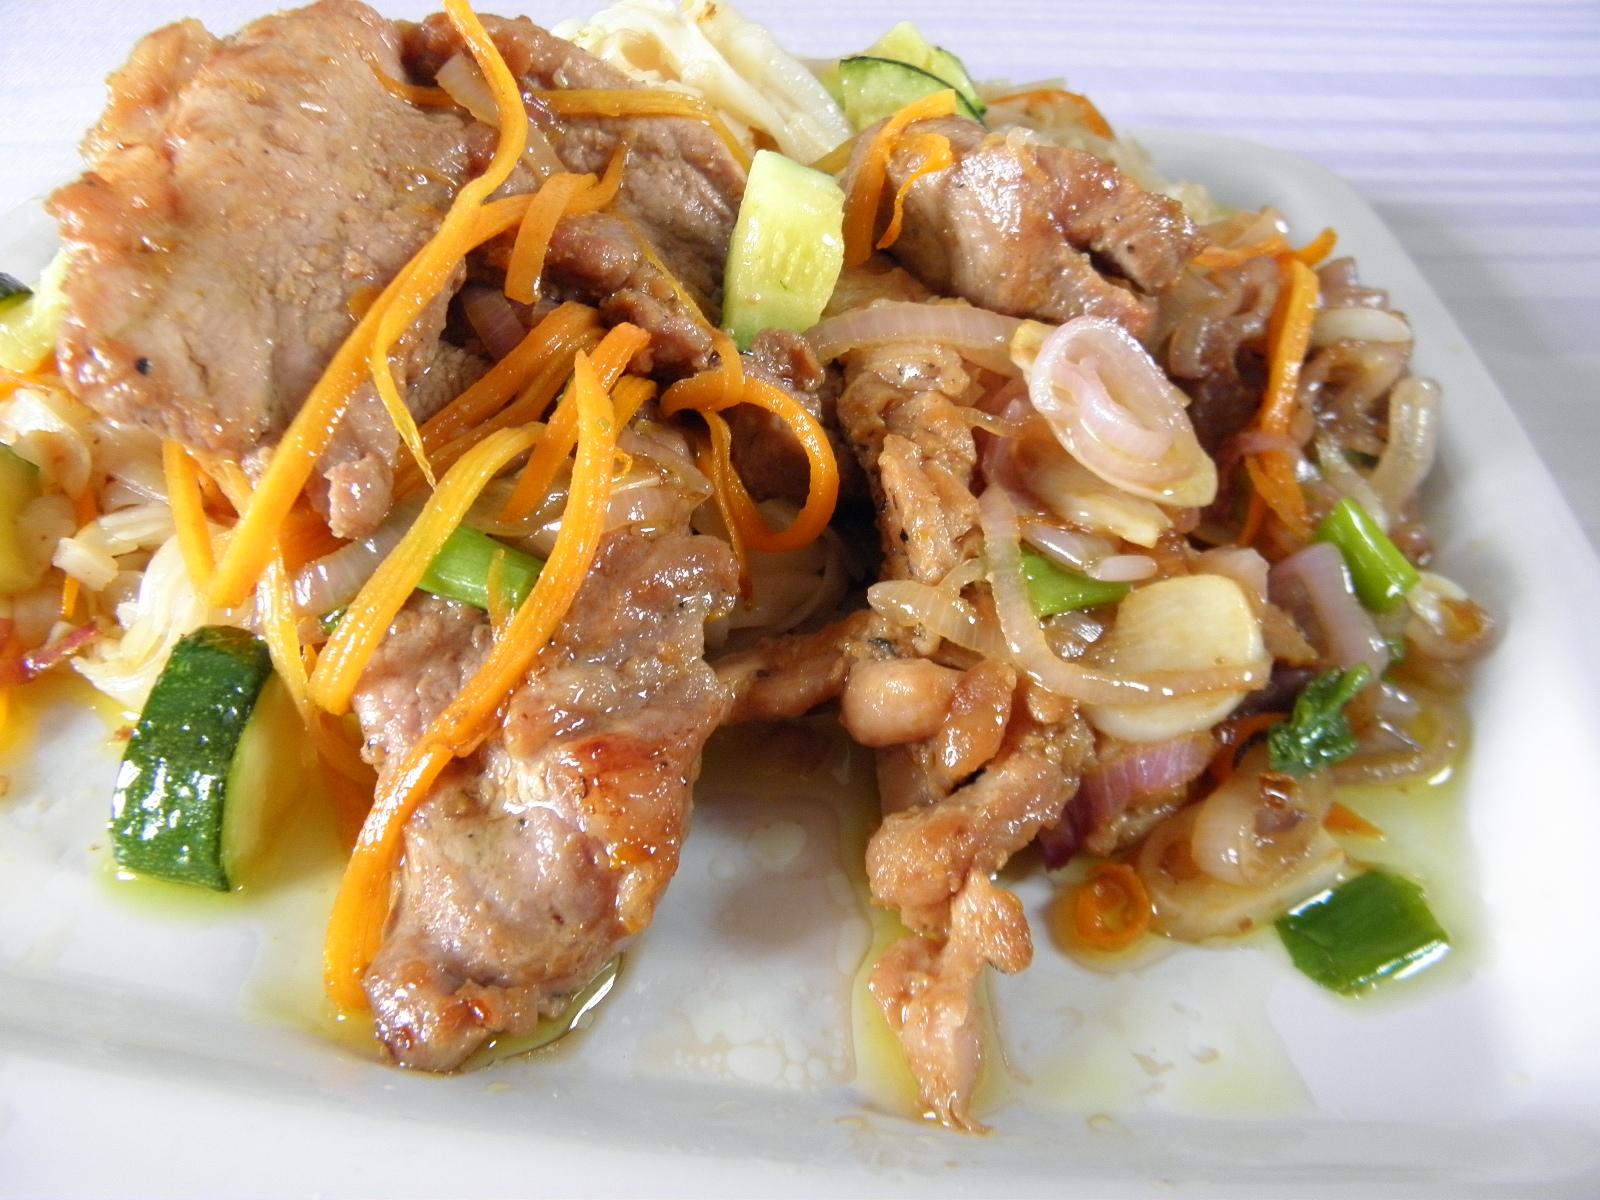 Fotografie receptu: Vepřové plátky s cuketou a rýžovými nudlemi